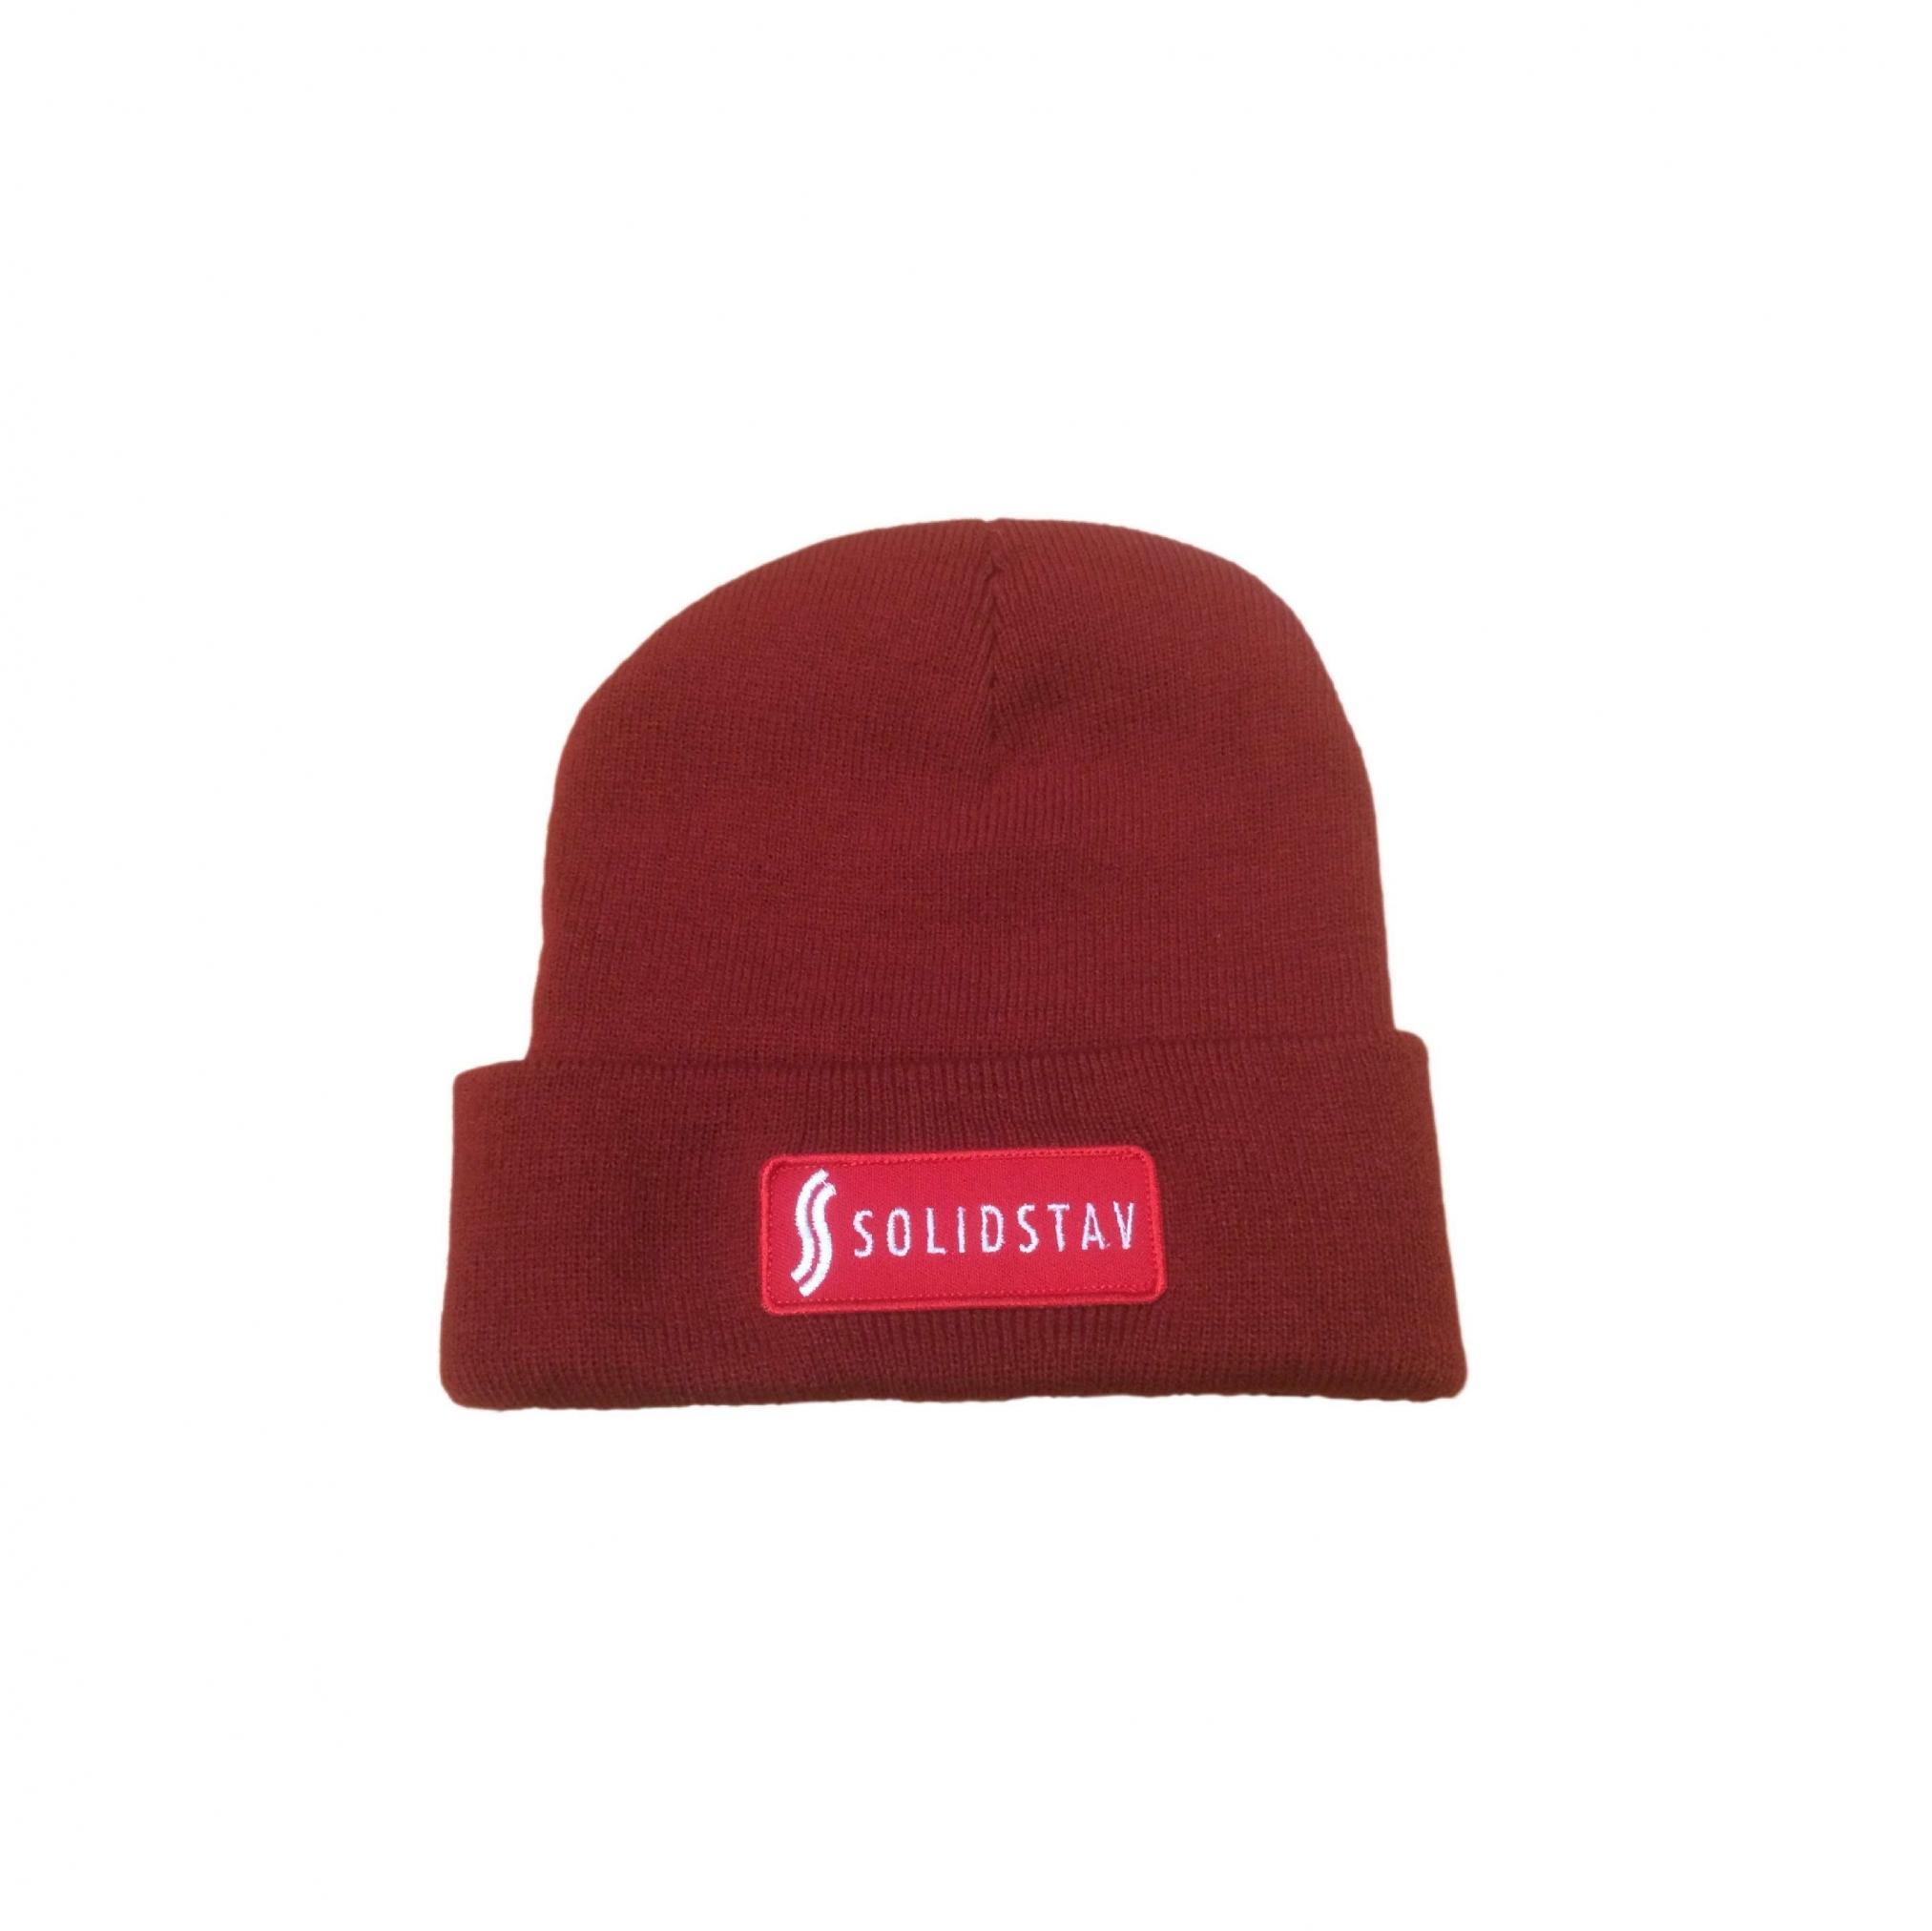 626d7f3f7 Šiltovky, klobúky, čiapky | Lamia